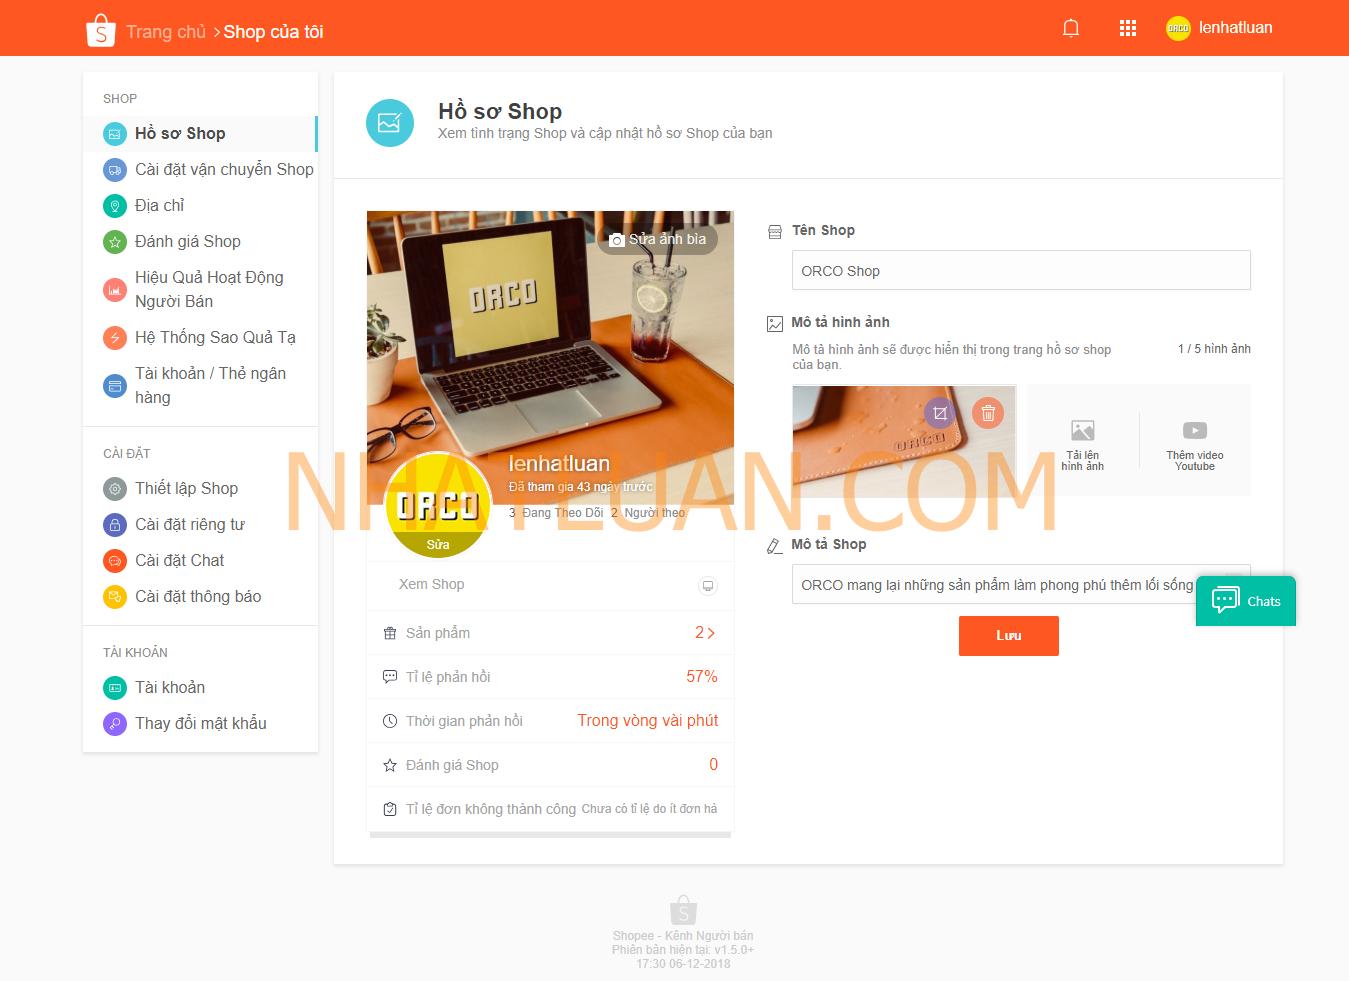 đăng ký bán hàng trên shopee thành công